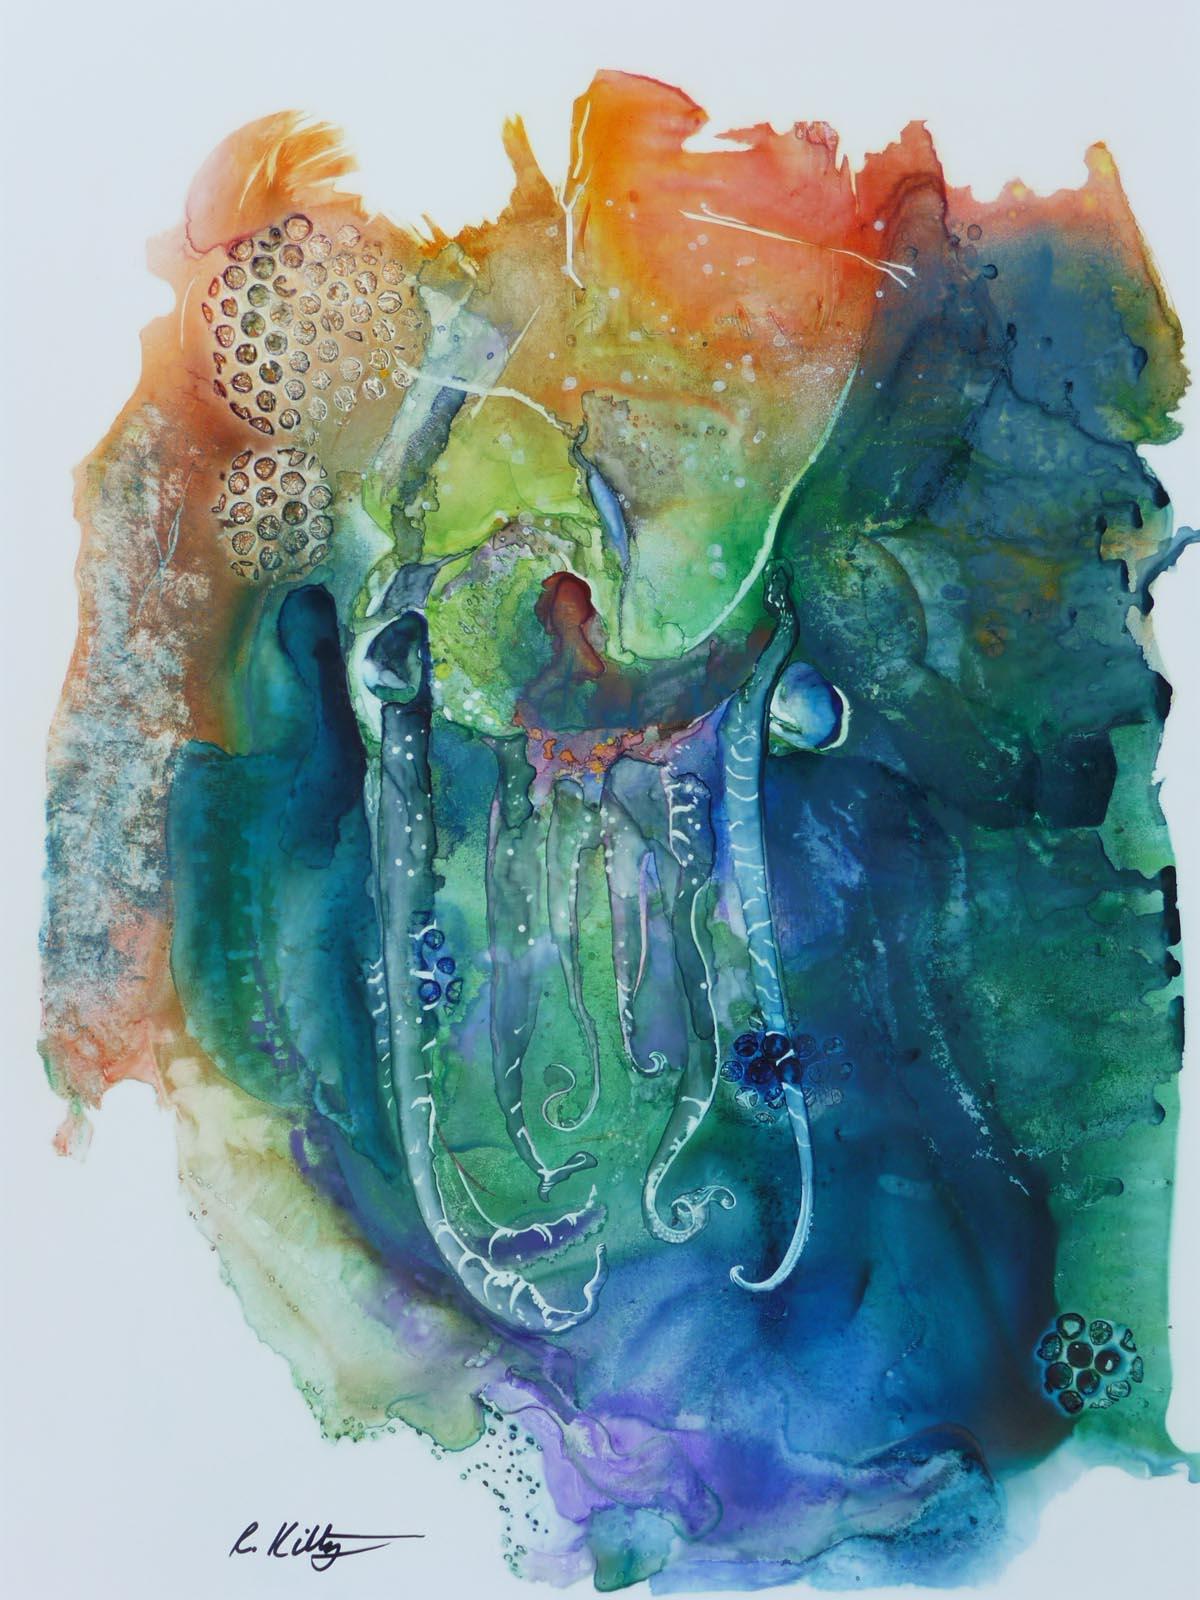 Cuttle Fish Moving Sideways | Bobbi Kilty | Fine Artist